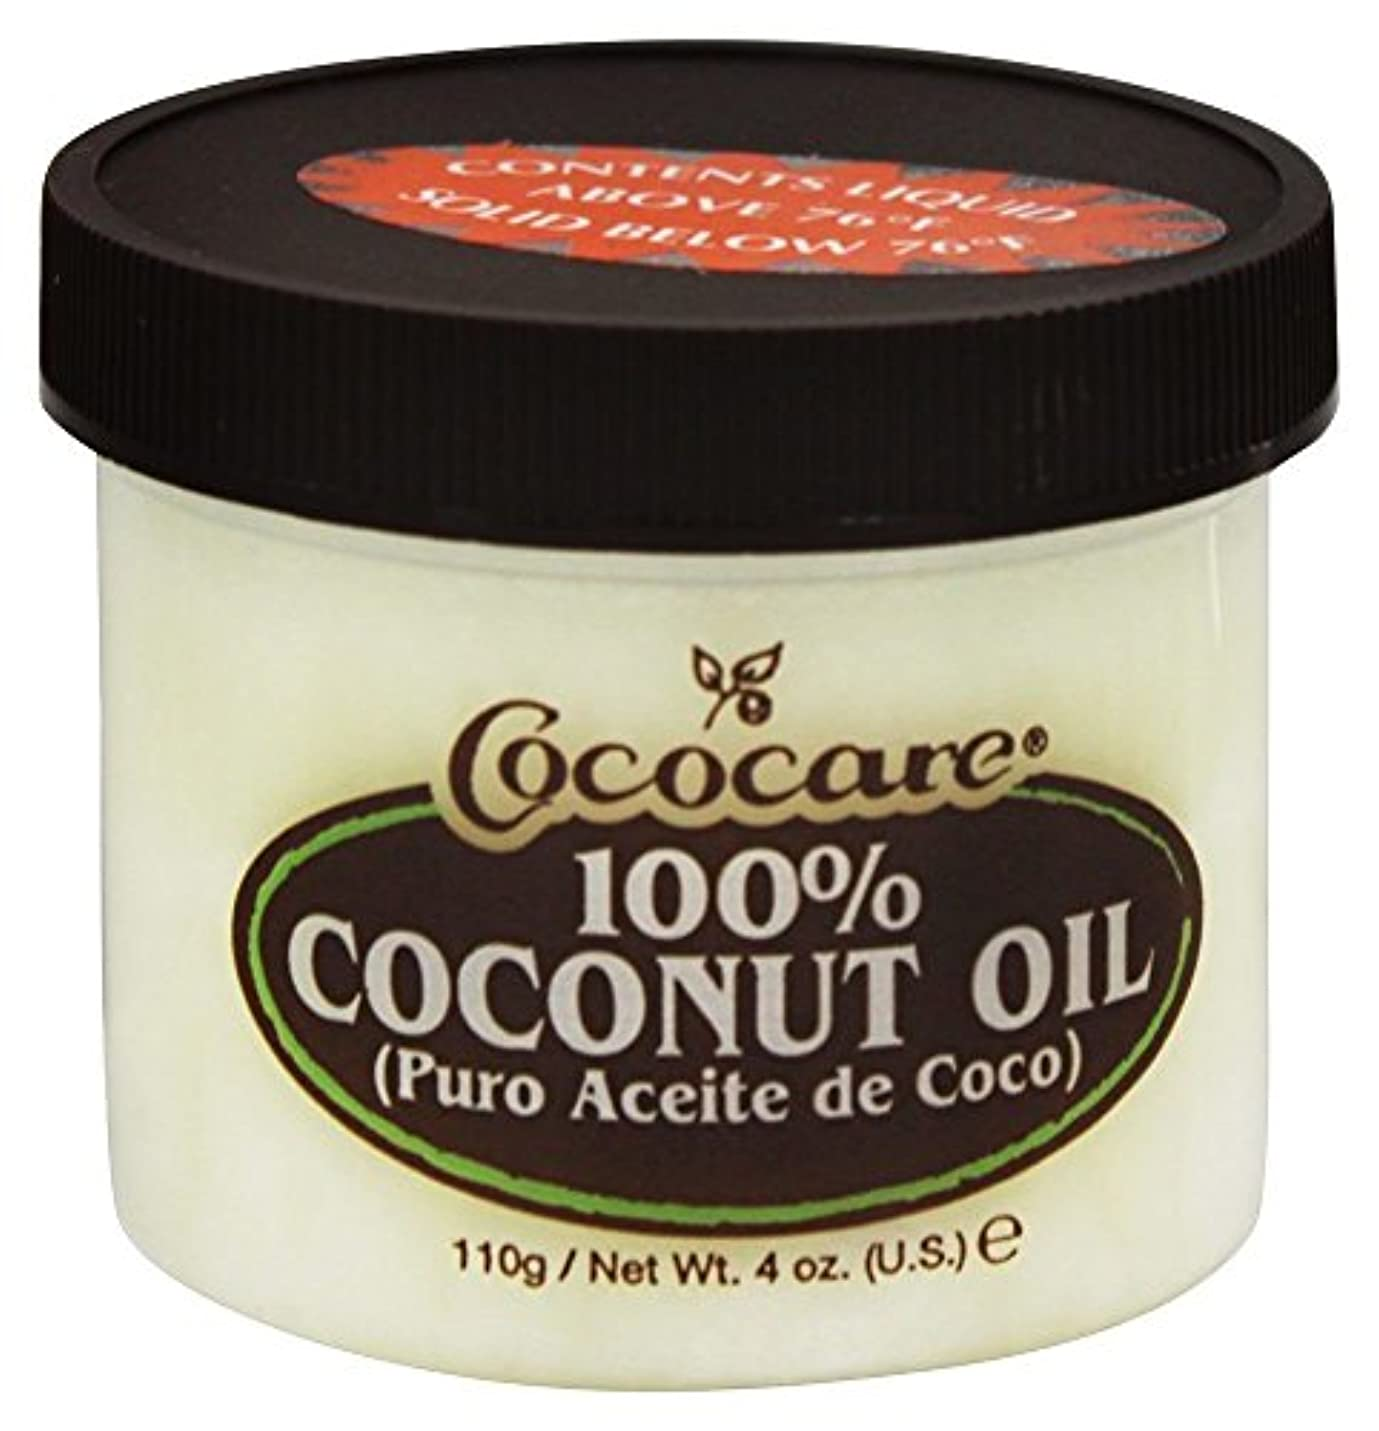 収束火傷担保Cococare - 100% ココナッツ オイル - 4ポンド [並行輸入品]